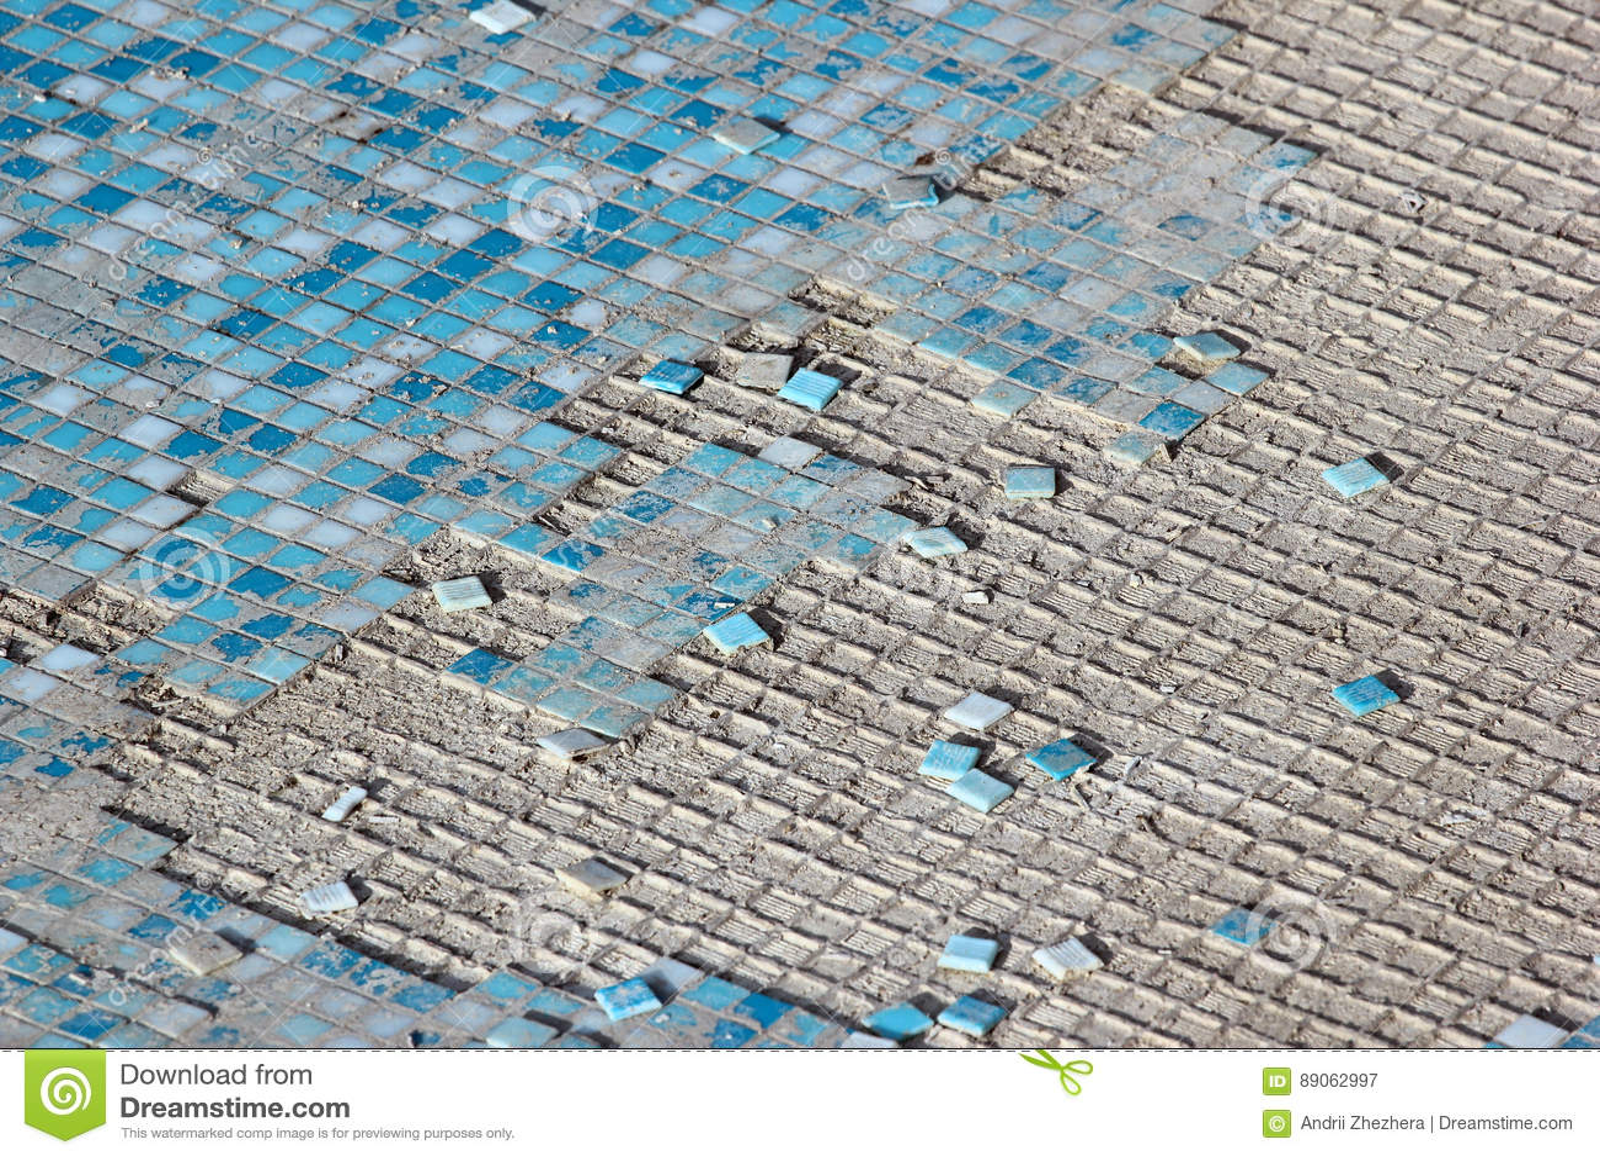 Piastrelle di ceramica blu e bianche nella piscina abbandonata